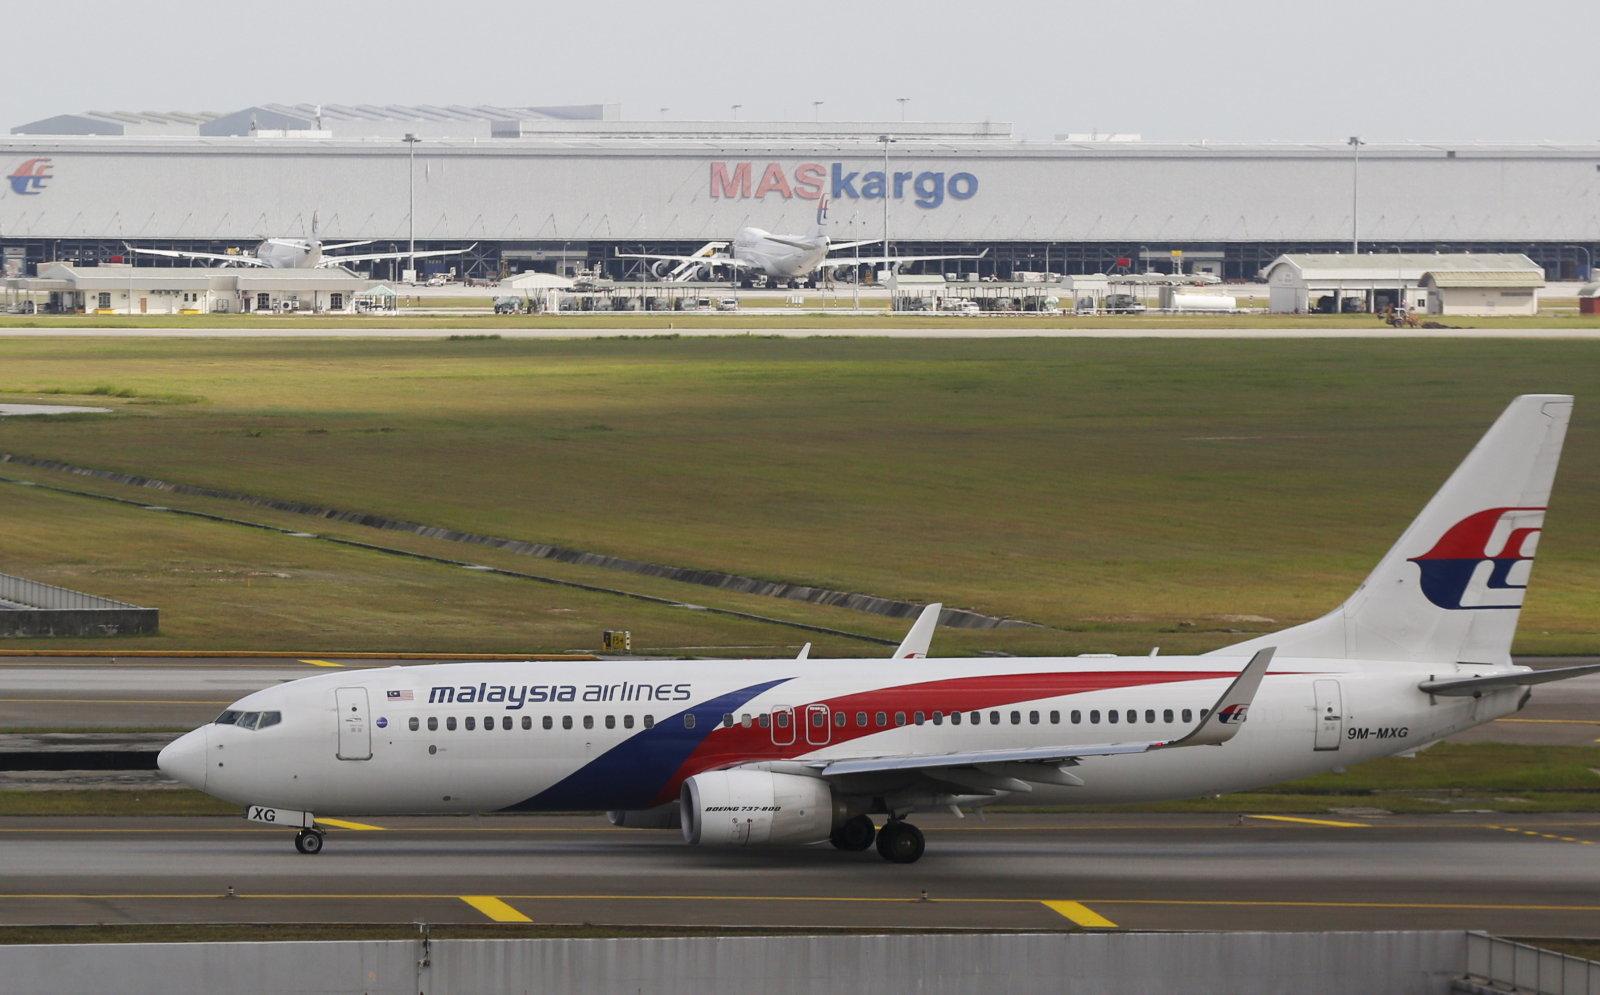 مالزی نخستین کشوری خواهد بود که هواپیماهایش را با ماهواره ردیابی میکند